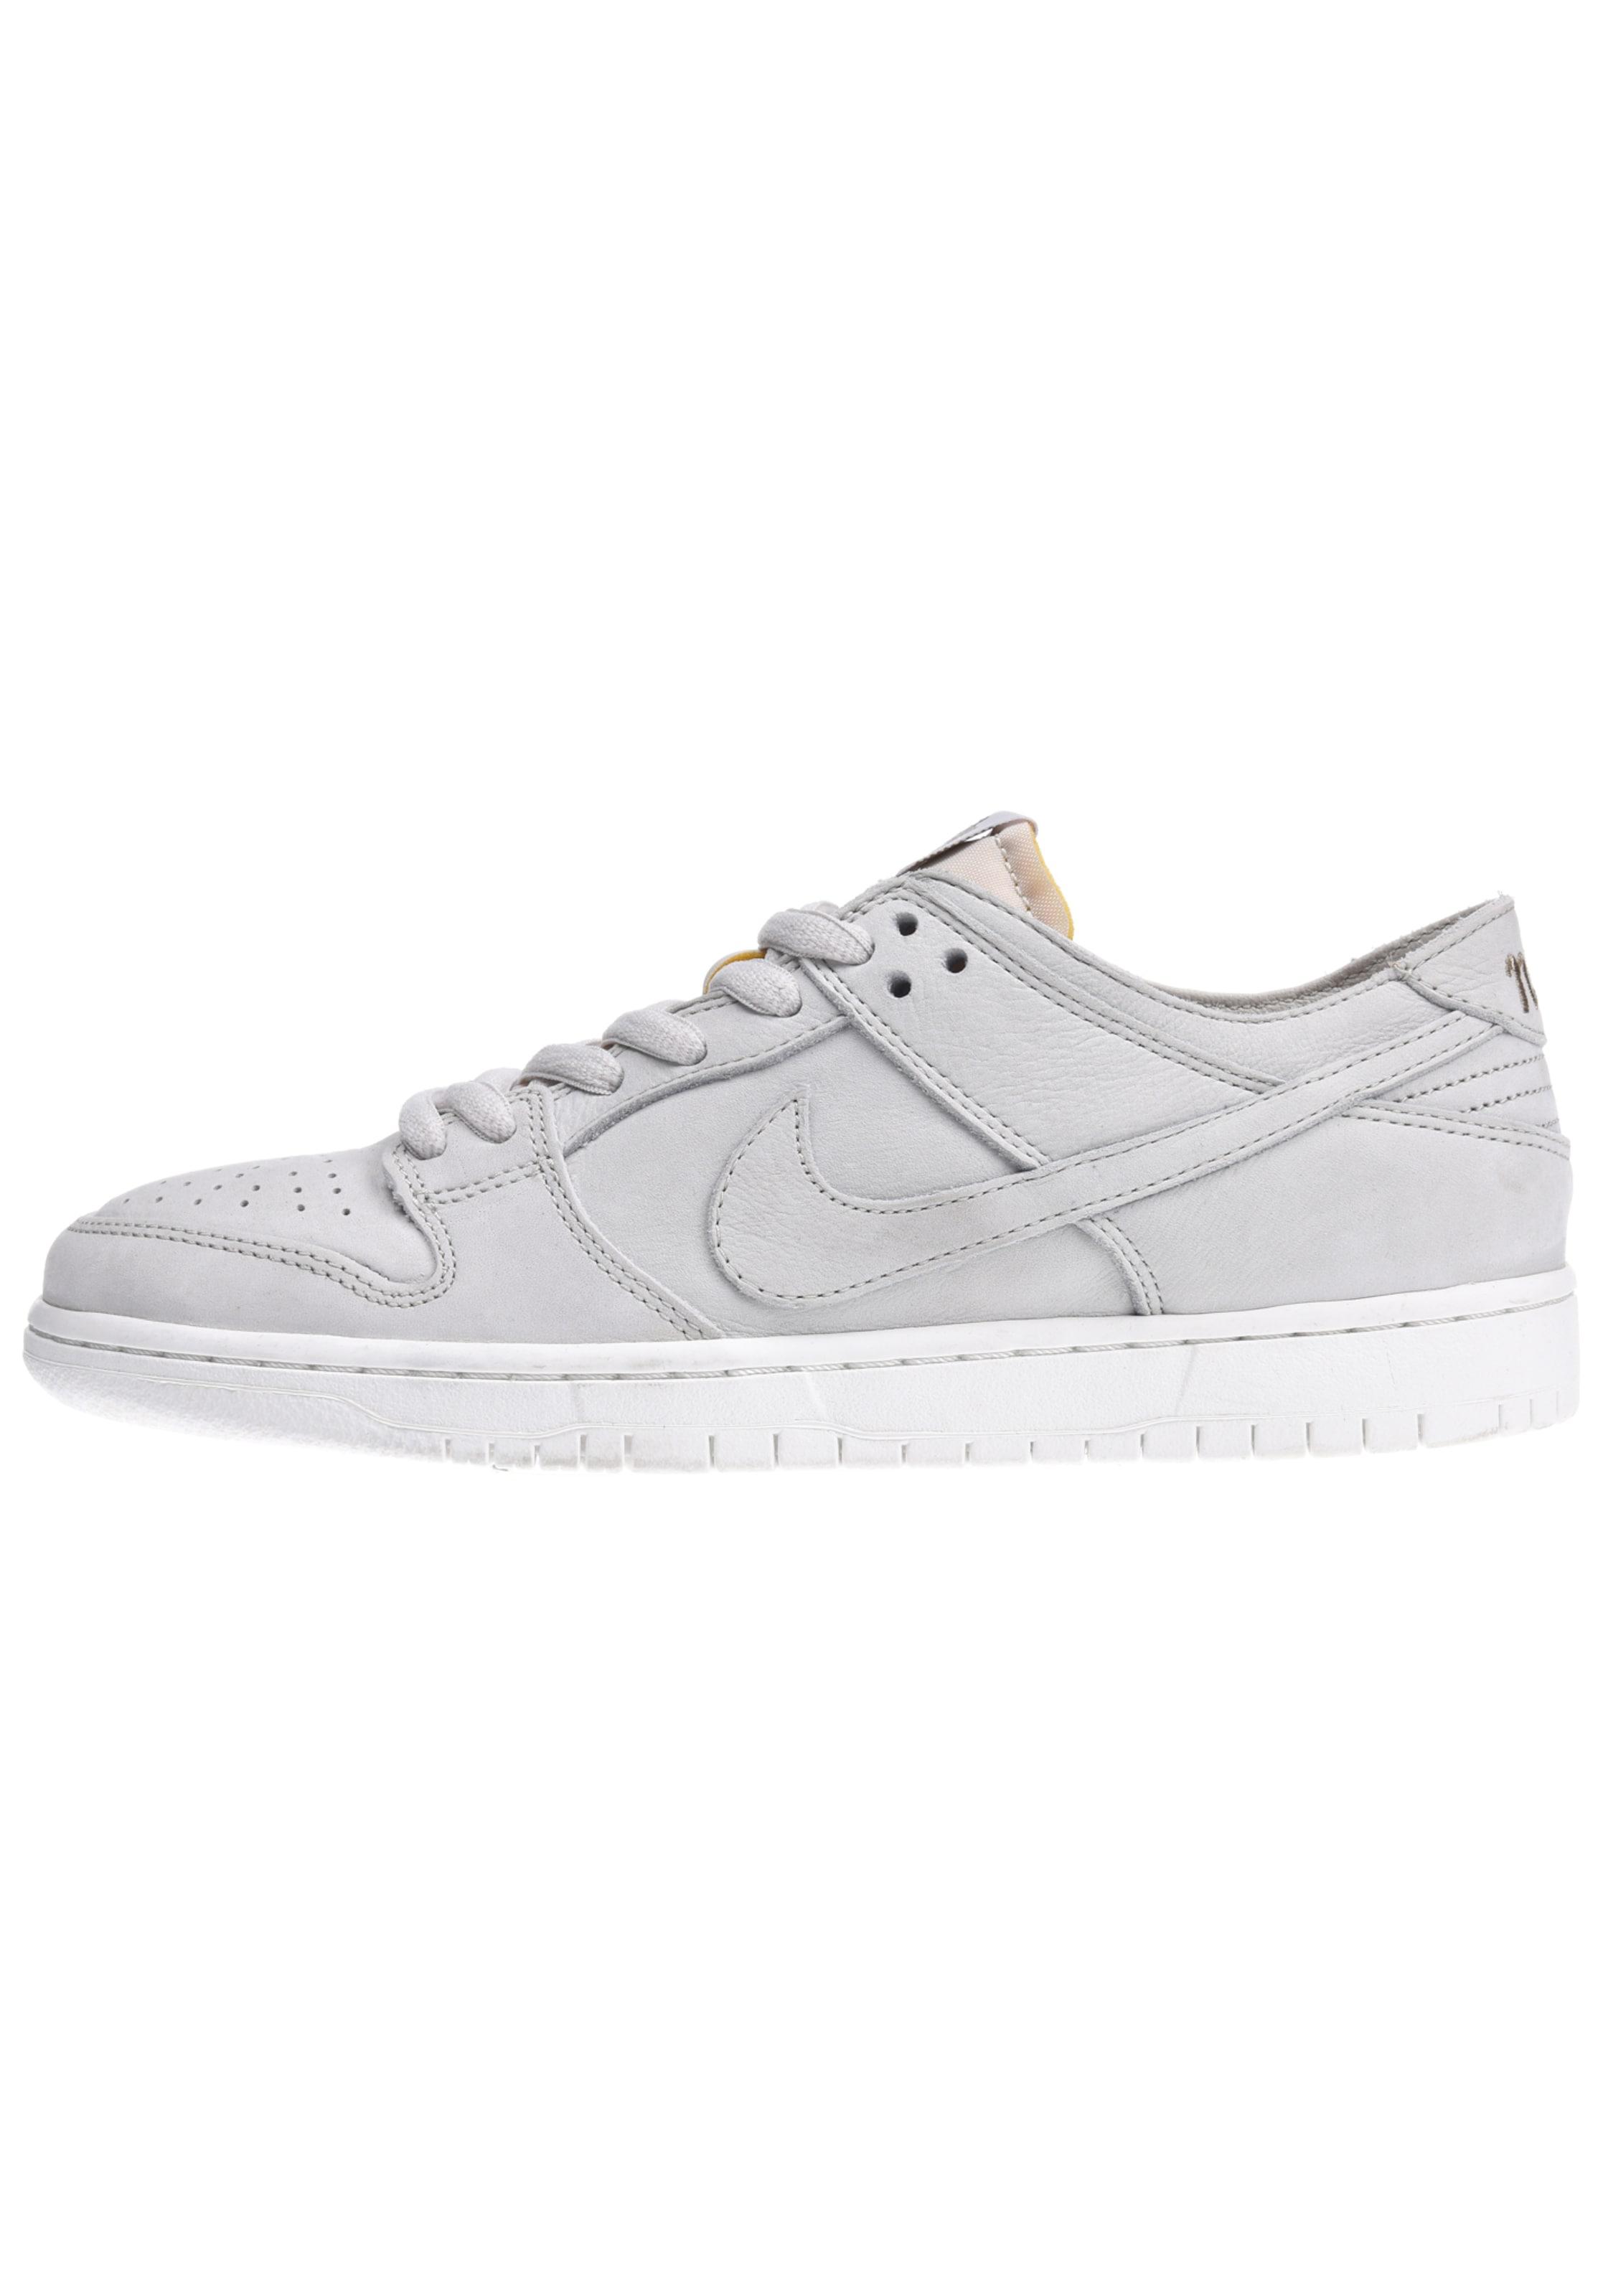 Nike SB Zoom Dunk Low Pro Decon Sneaker